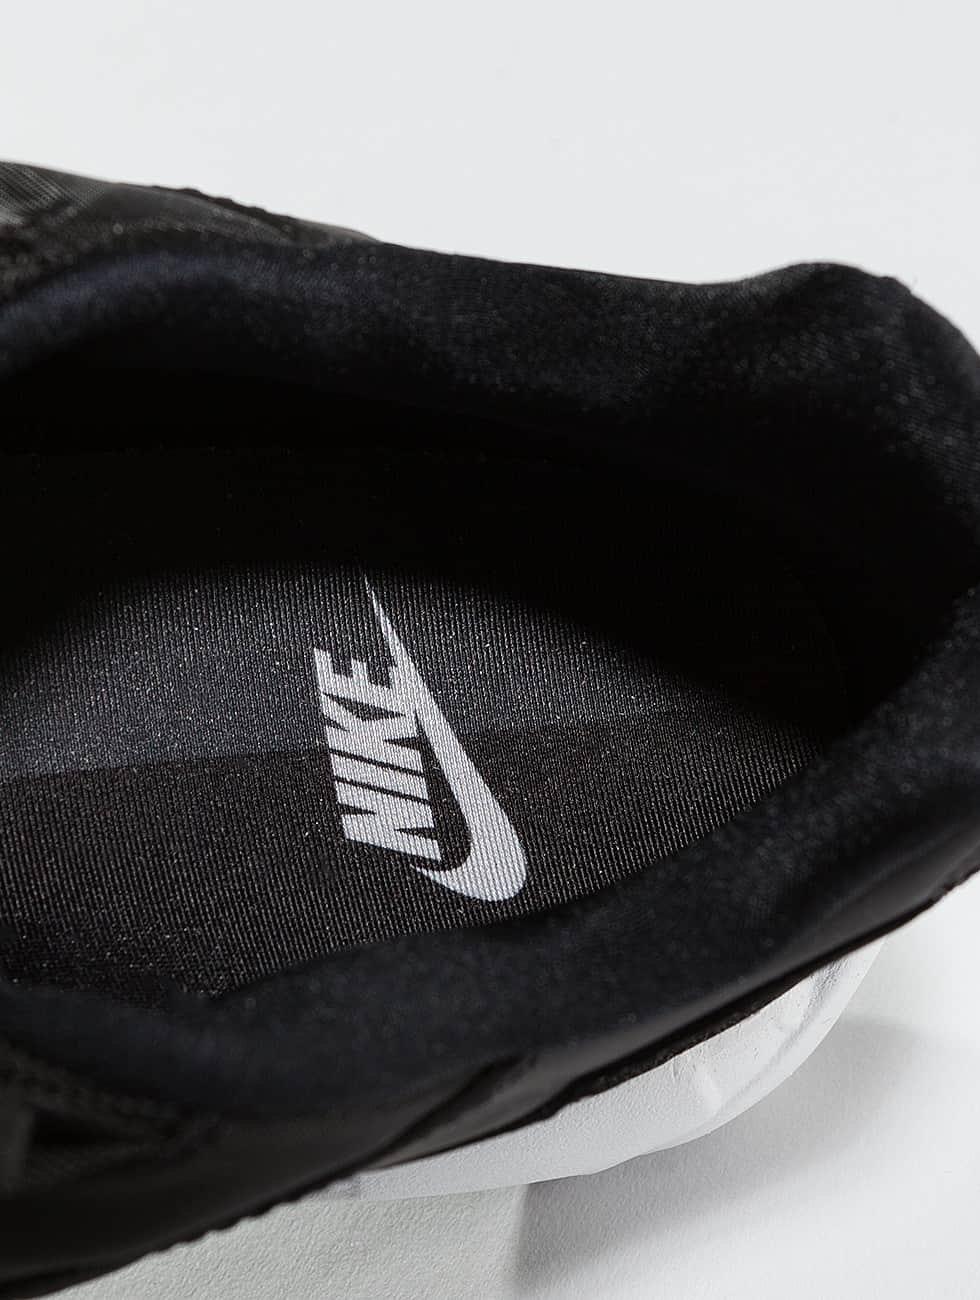 Gratis Frakt Beste Stedet Salg Limited Edition Nike Sko / Sneaker Spesialutgave Premium Sort 403125 vEs6buYMSl